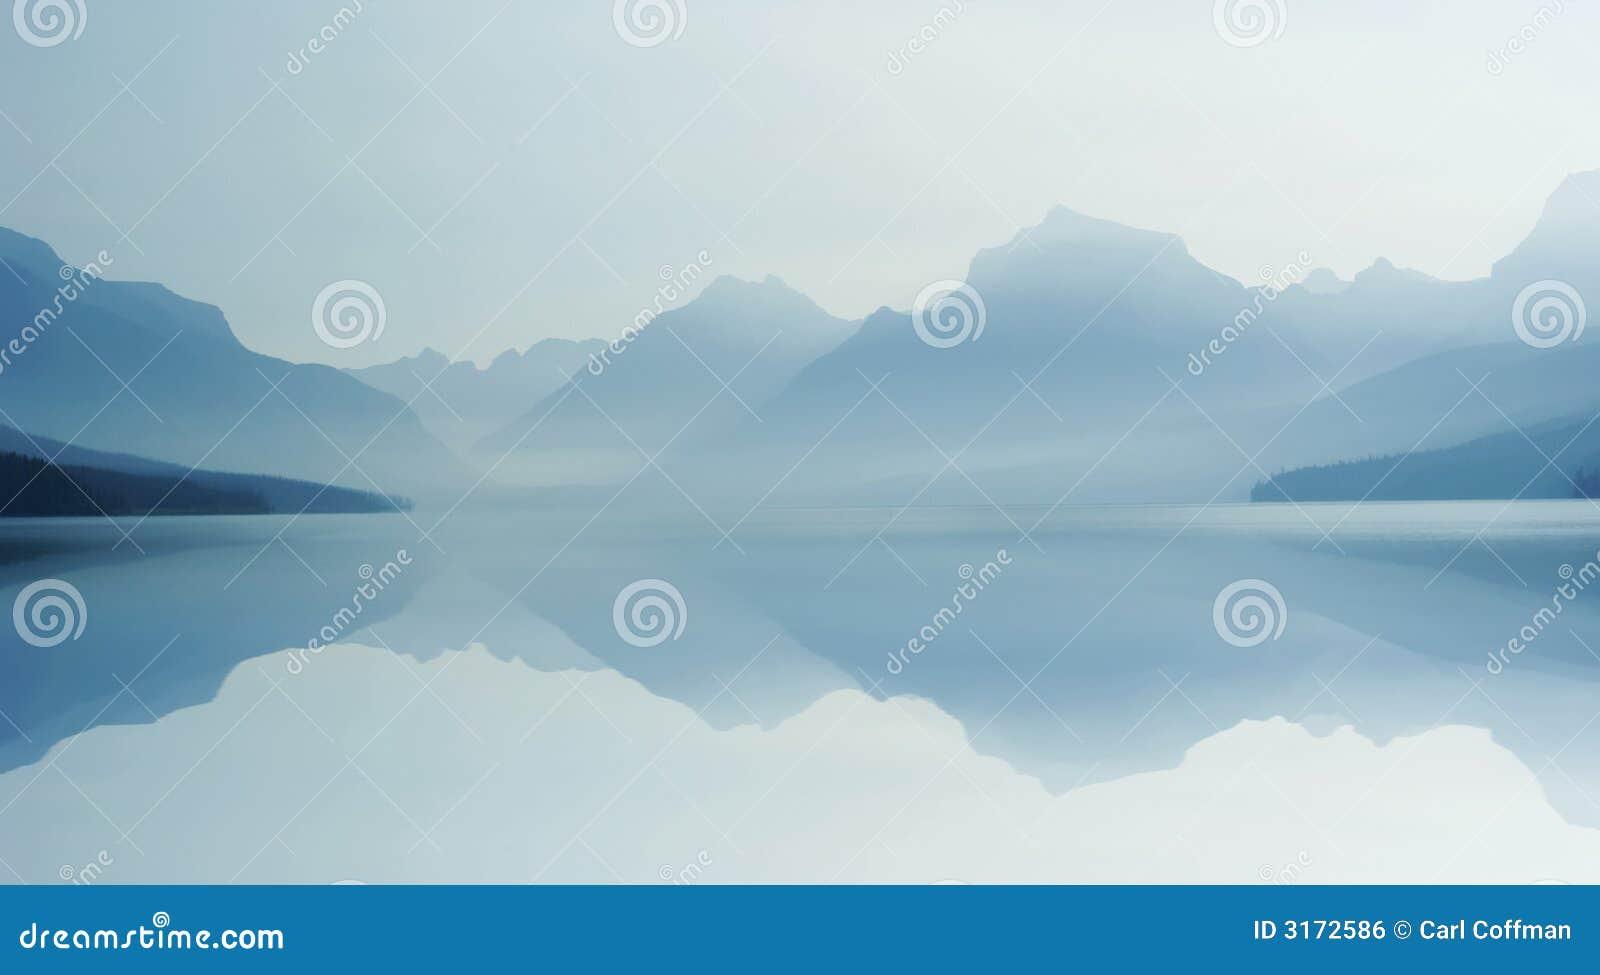 Lago enevoado B 8-07